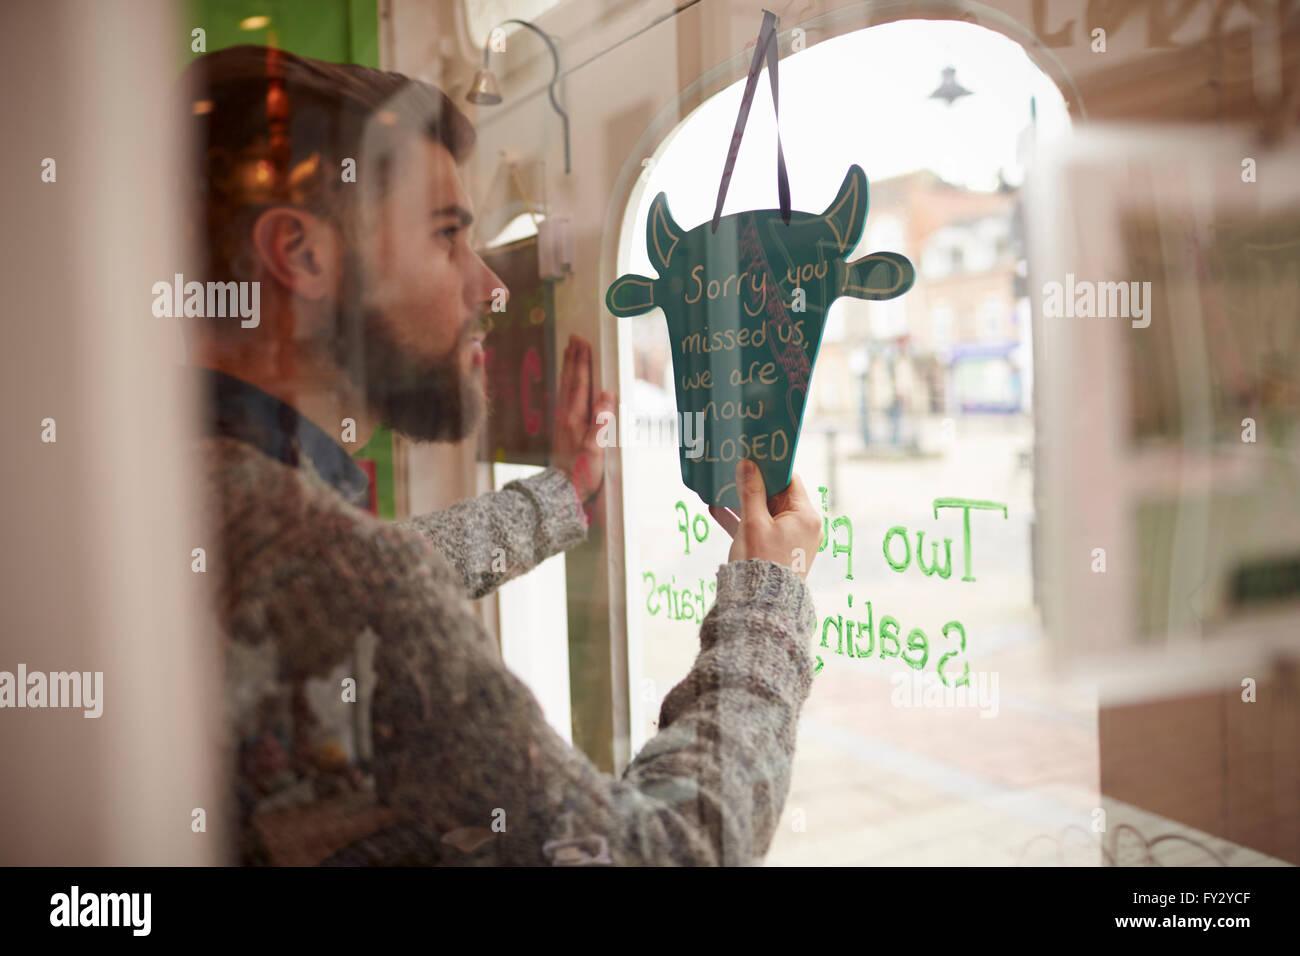 Proprietario maschio del Coffee Shop girando segno aperto Immagini Stock